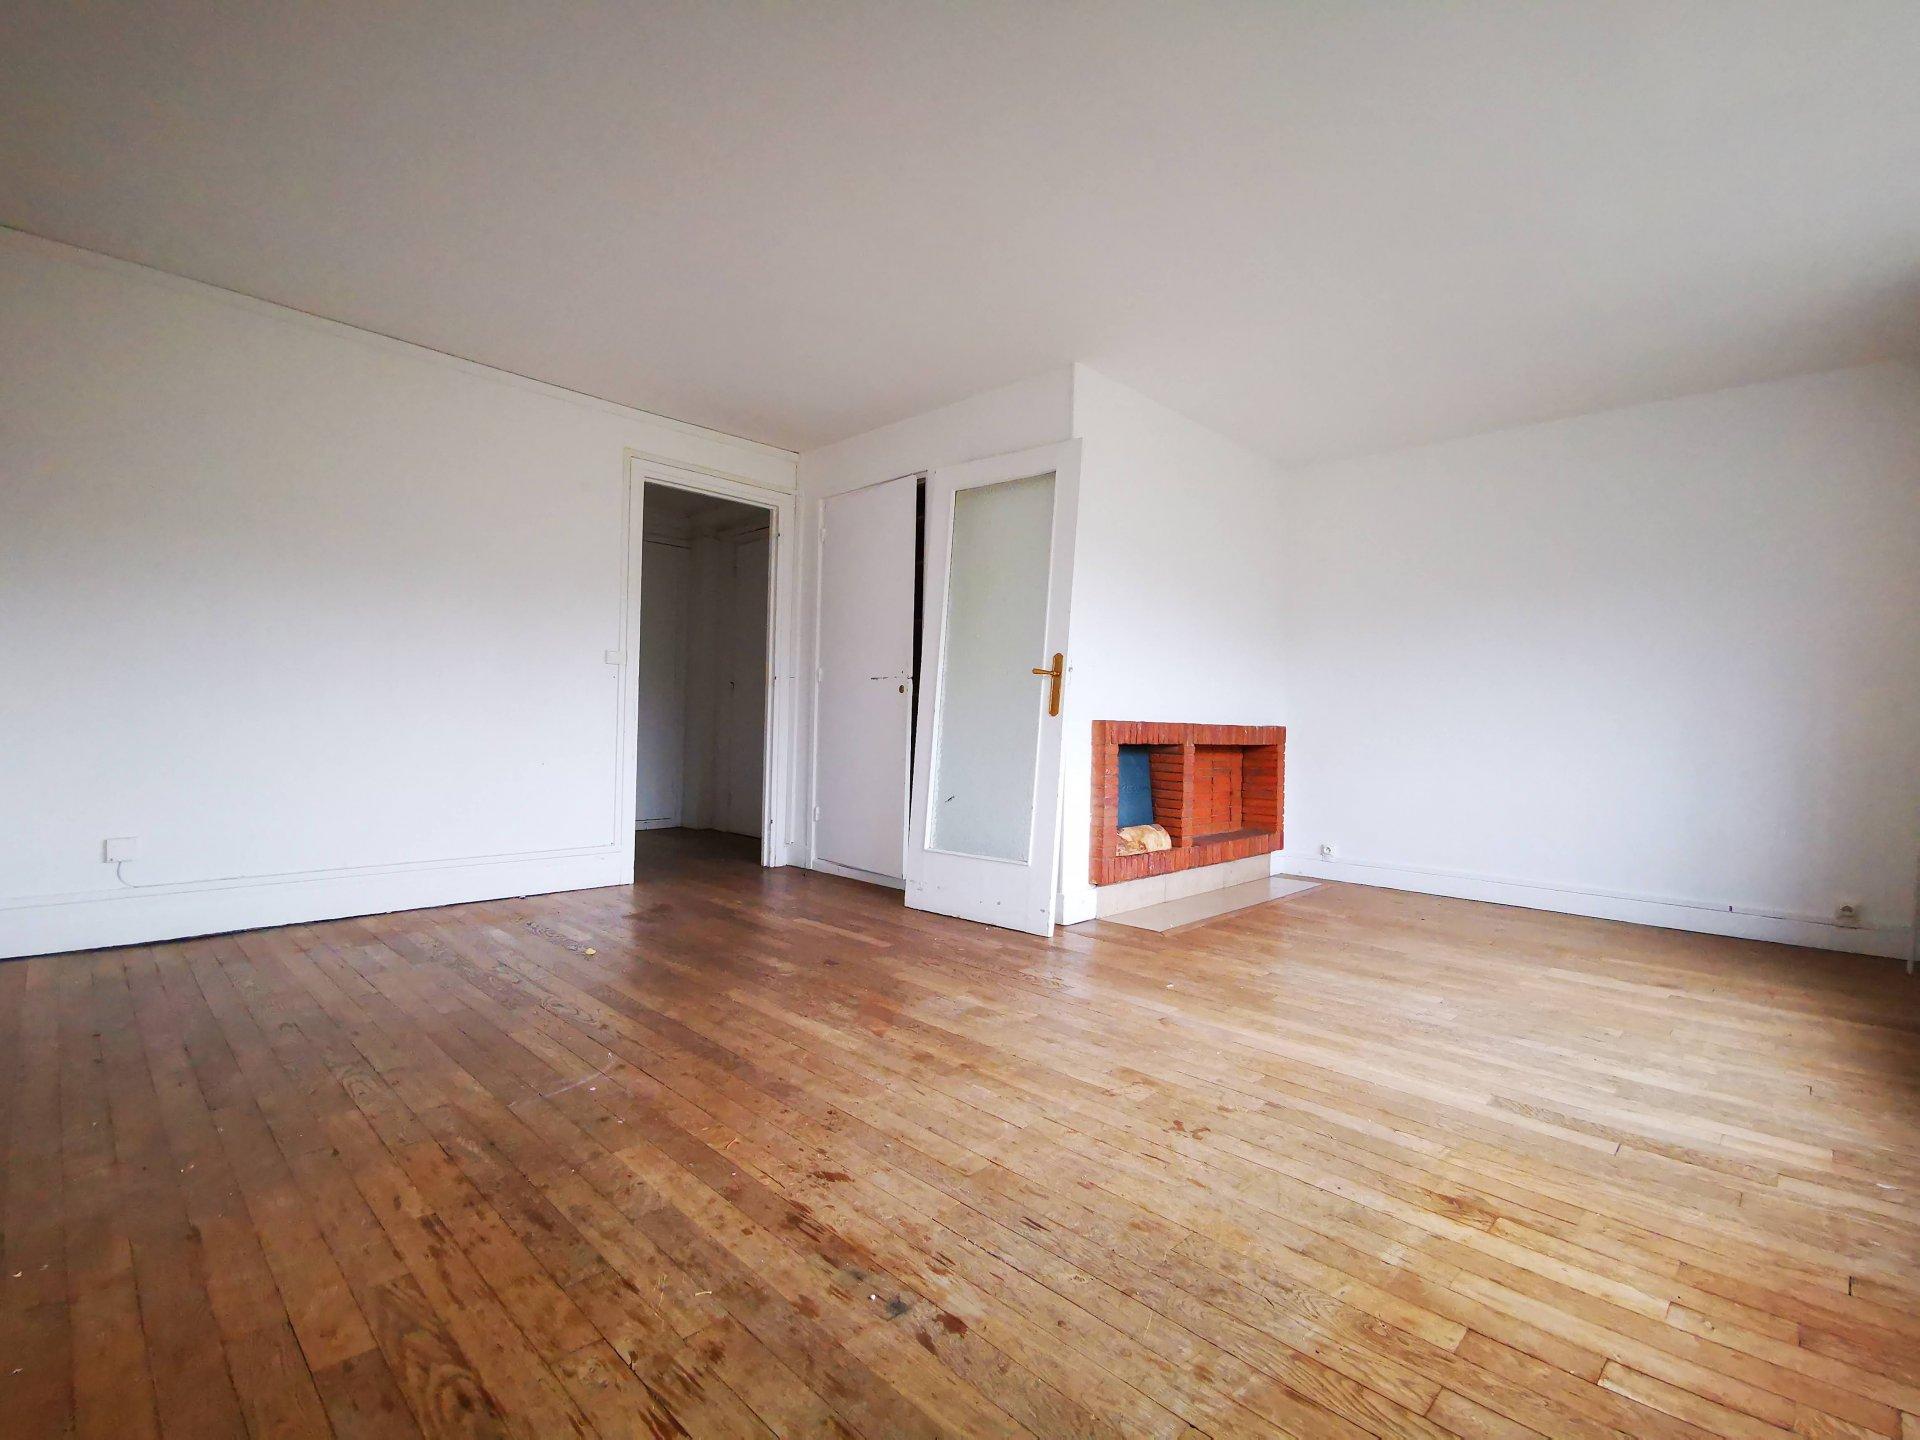 Appartement 3 chambres, Quais de Rouen